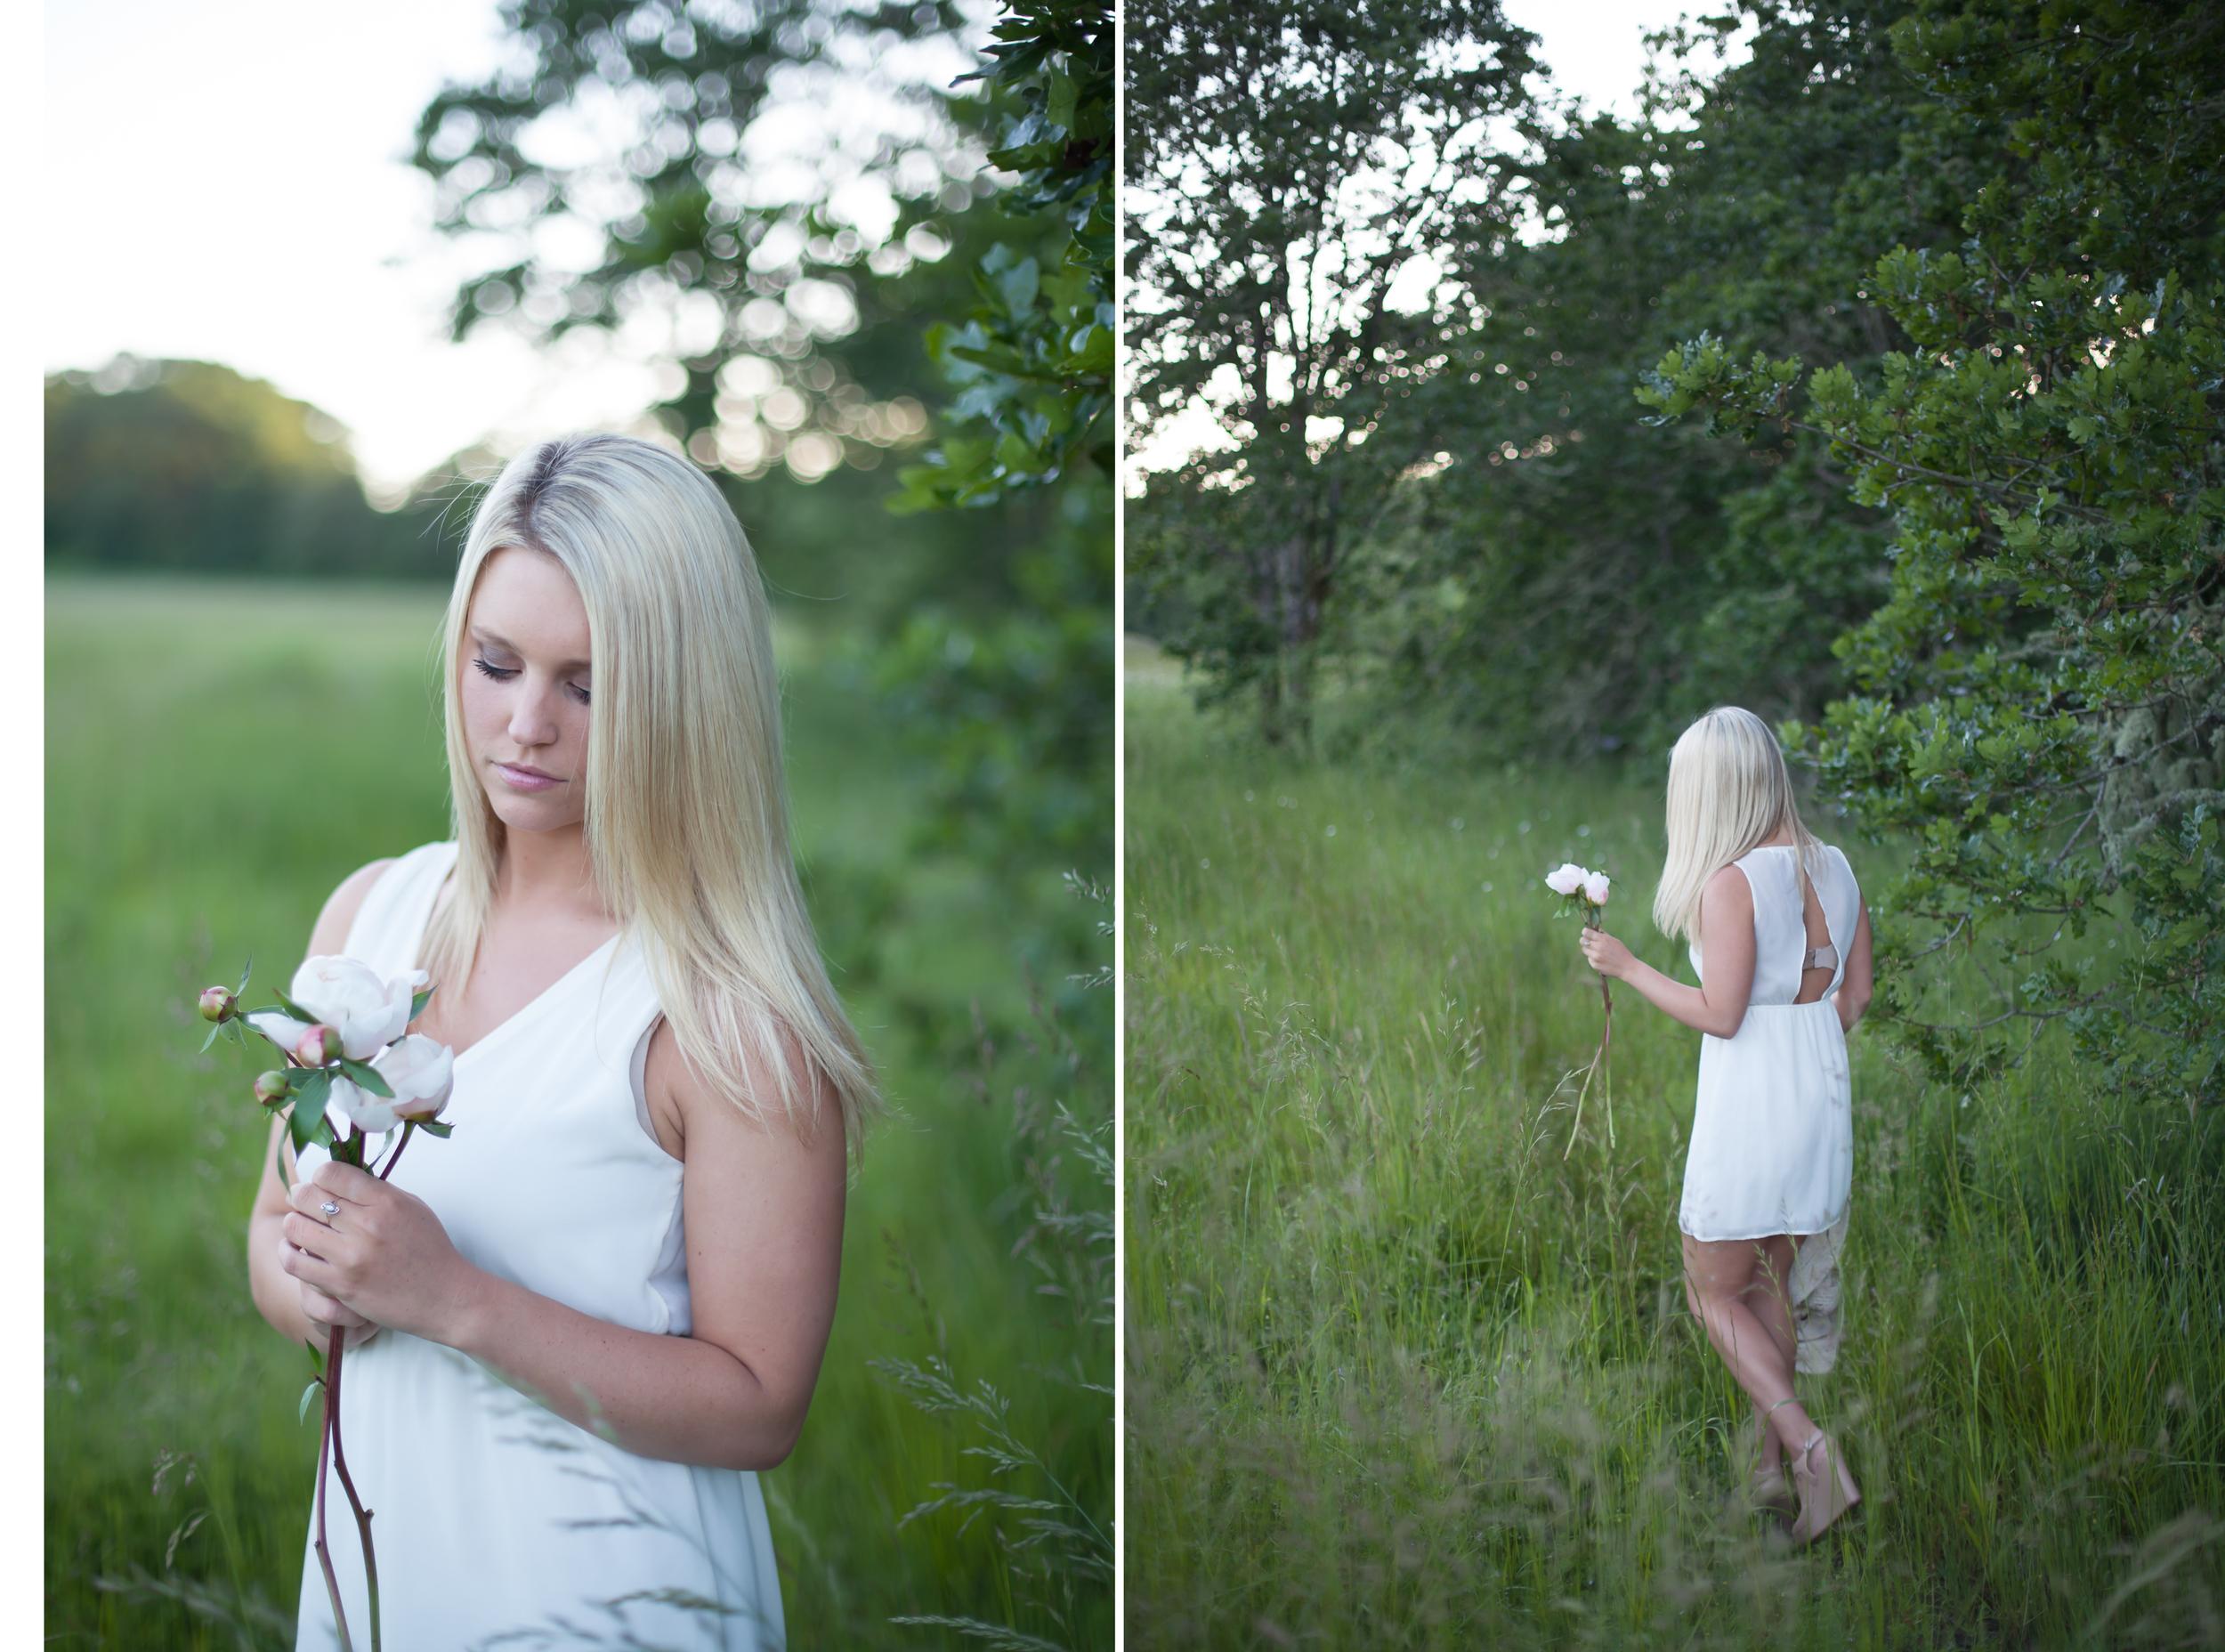 olivia_ashton_photography_kelsey20